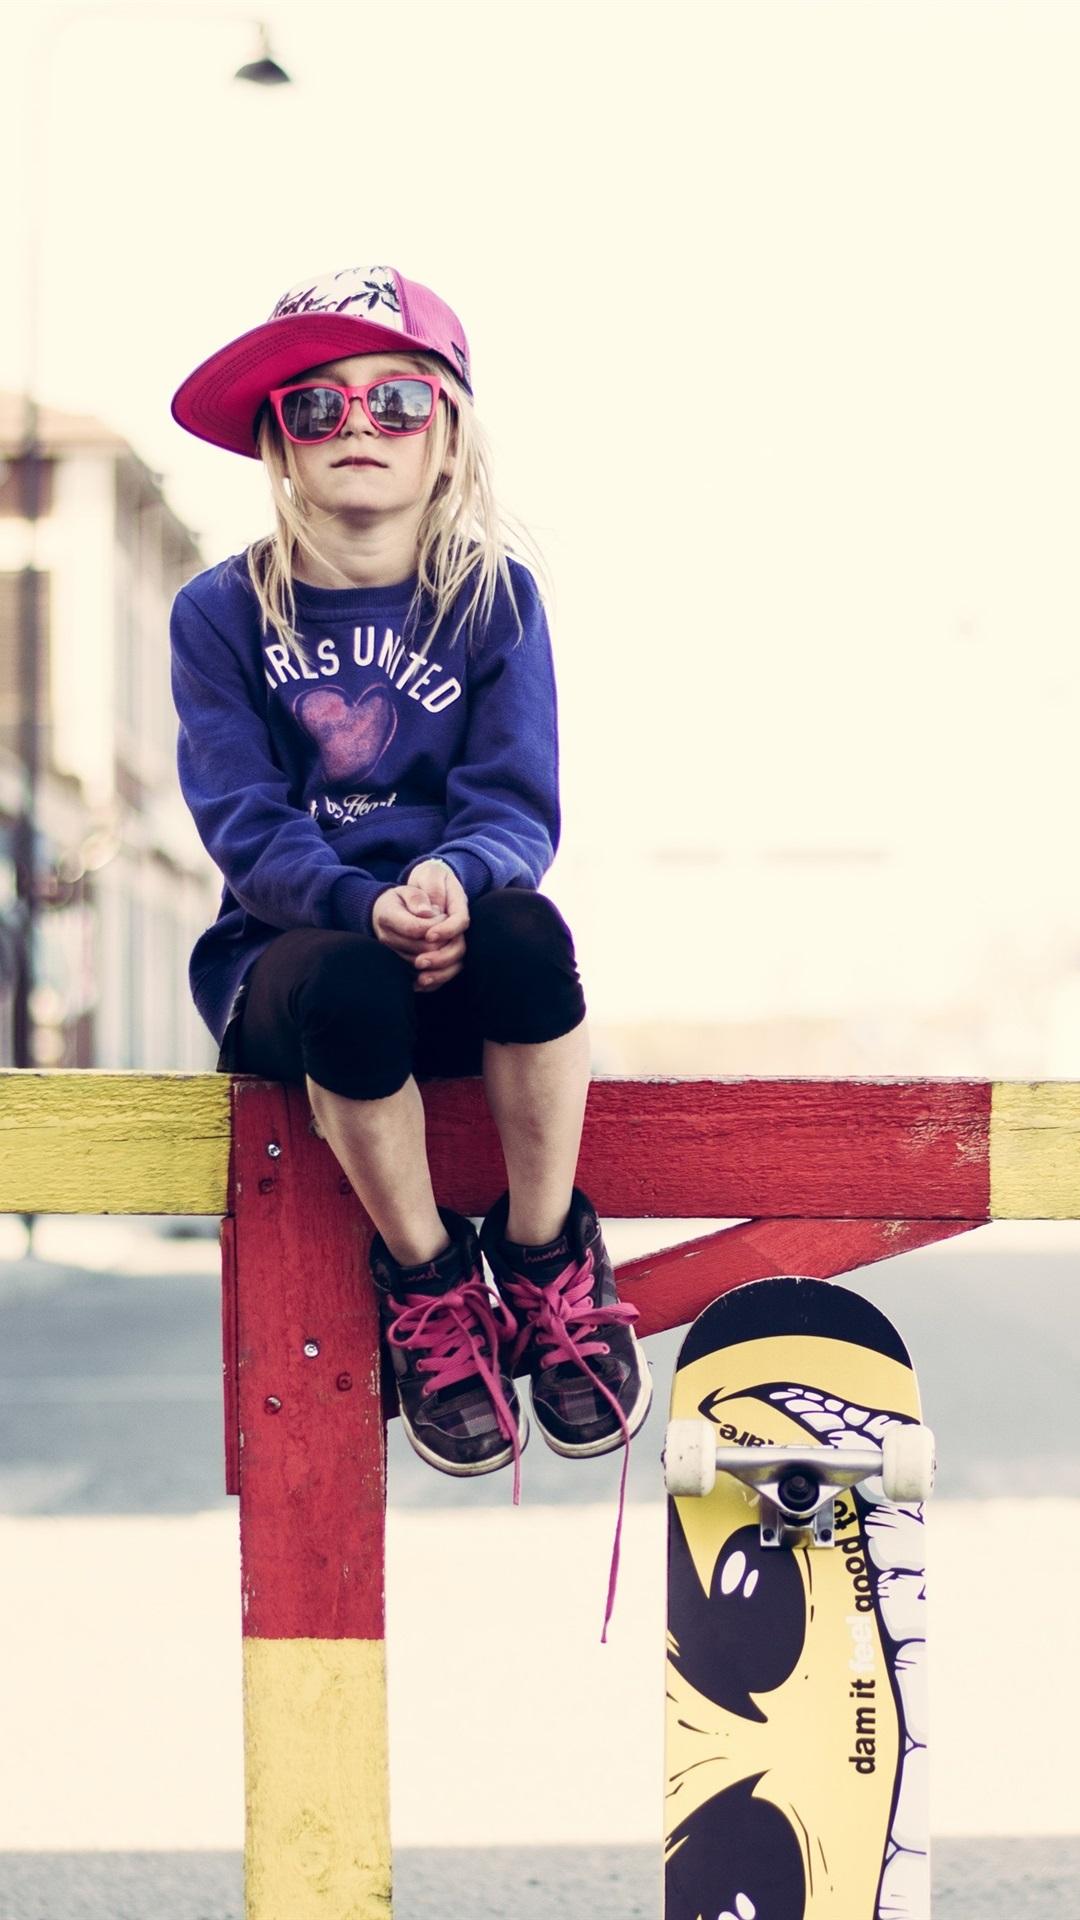 かわいい女の子 眼鏡 フェンス スケートボード 通り 1080x19 Iphone 8 7 6 6s Plus 壁紙 背景 画像